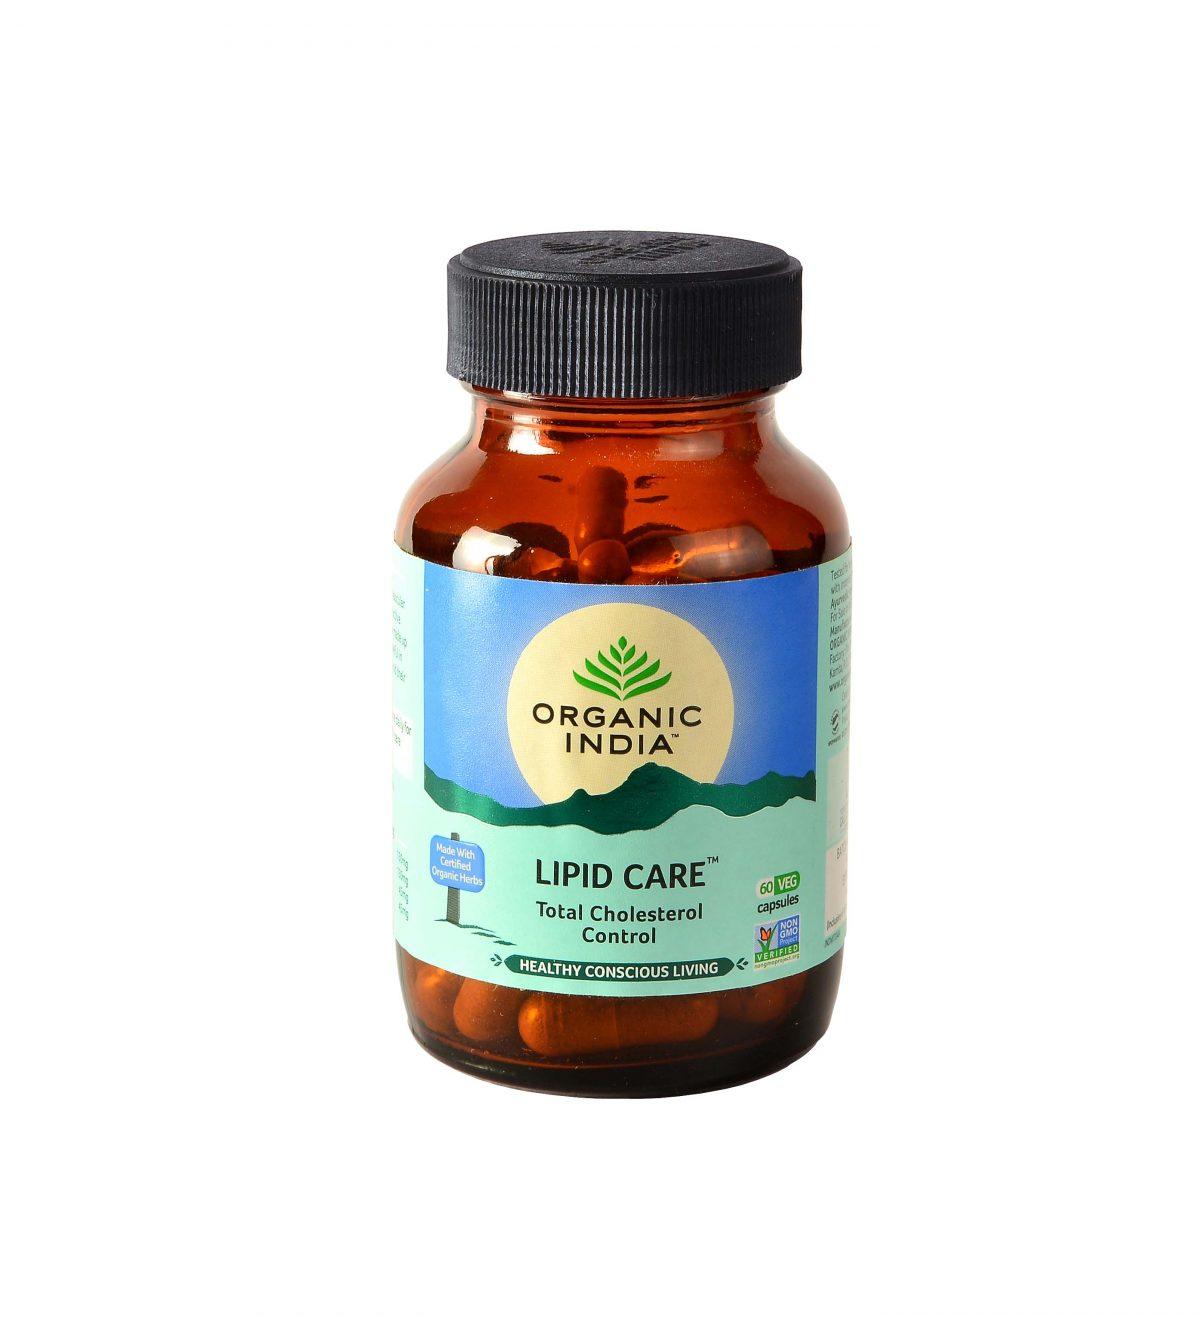 Lipid care 60 Capsules